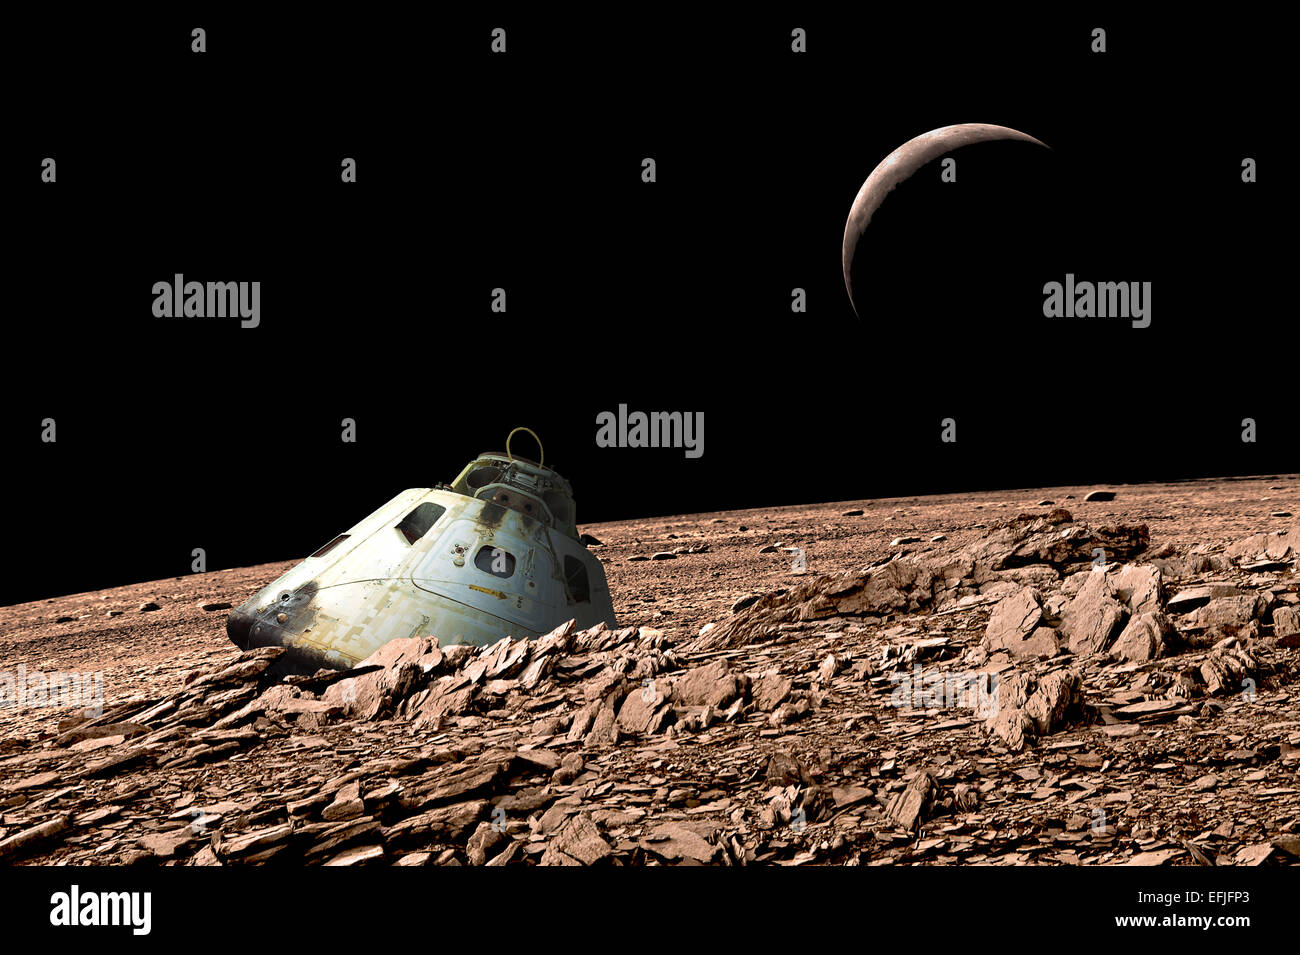 Eine verbrannte Raumkapsel liegt auf einem kargen und airless Mond verlassen. Stockbild